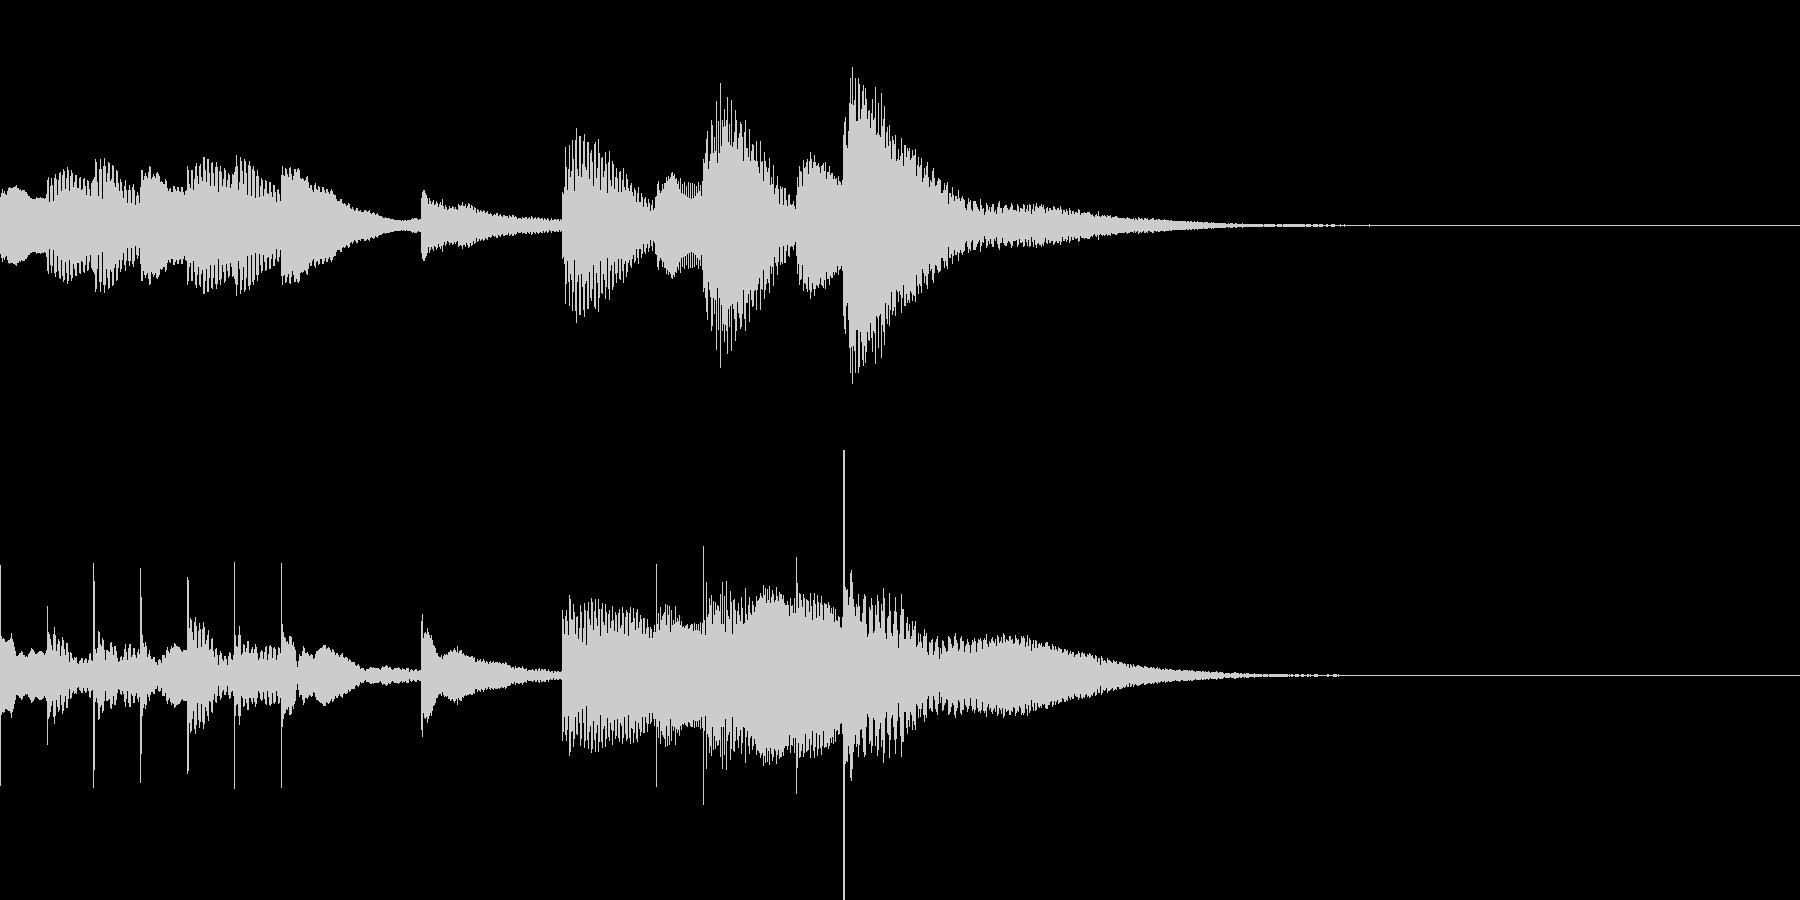 マリンバとグロッケンのジングル3の未再生の波形